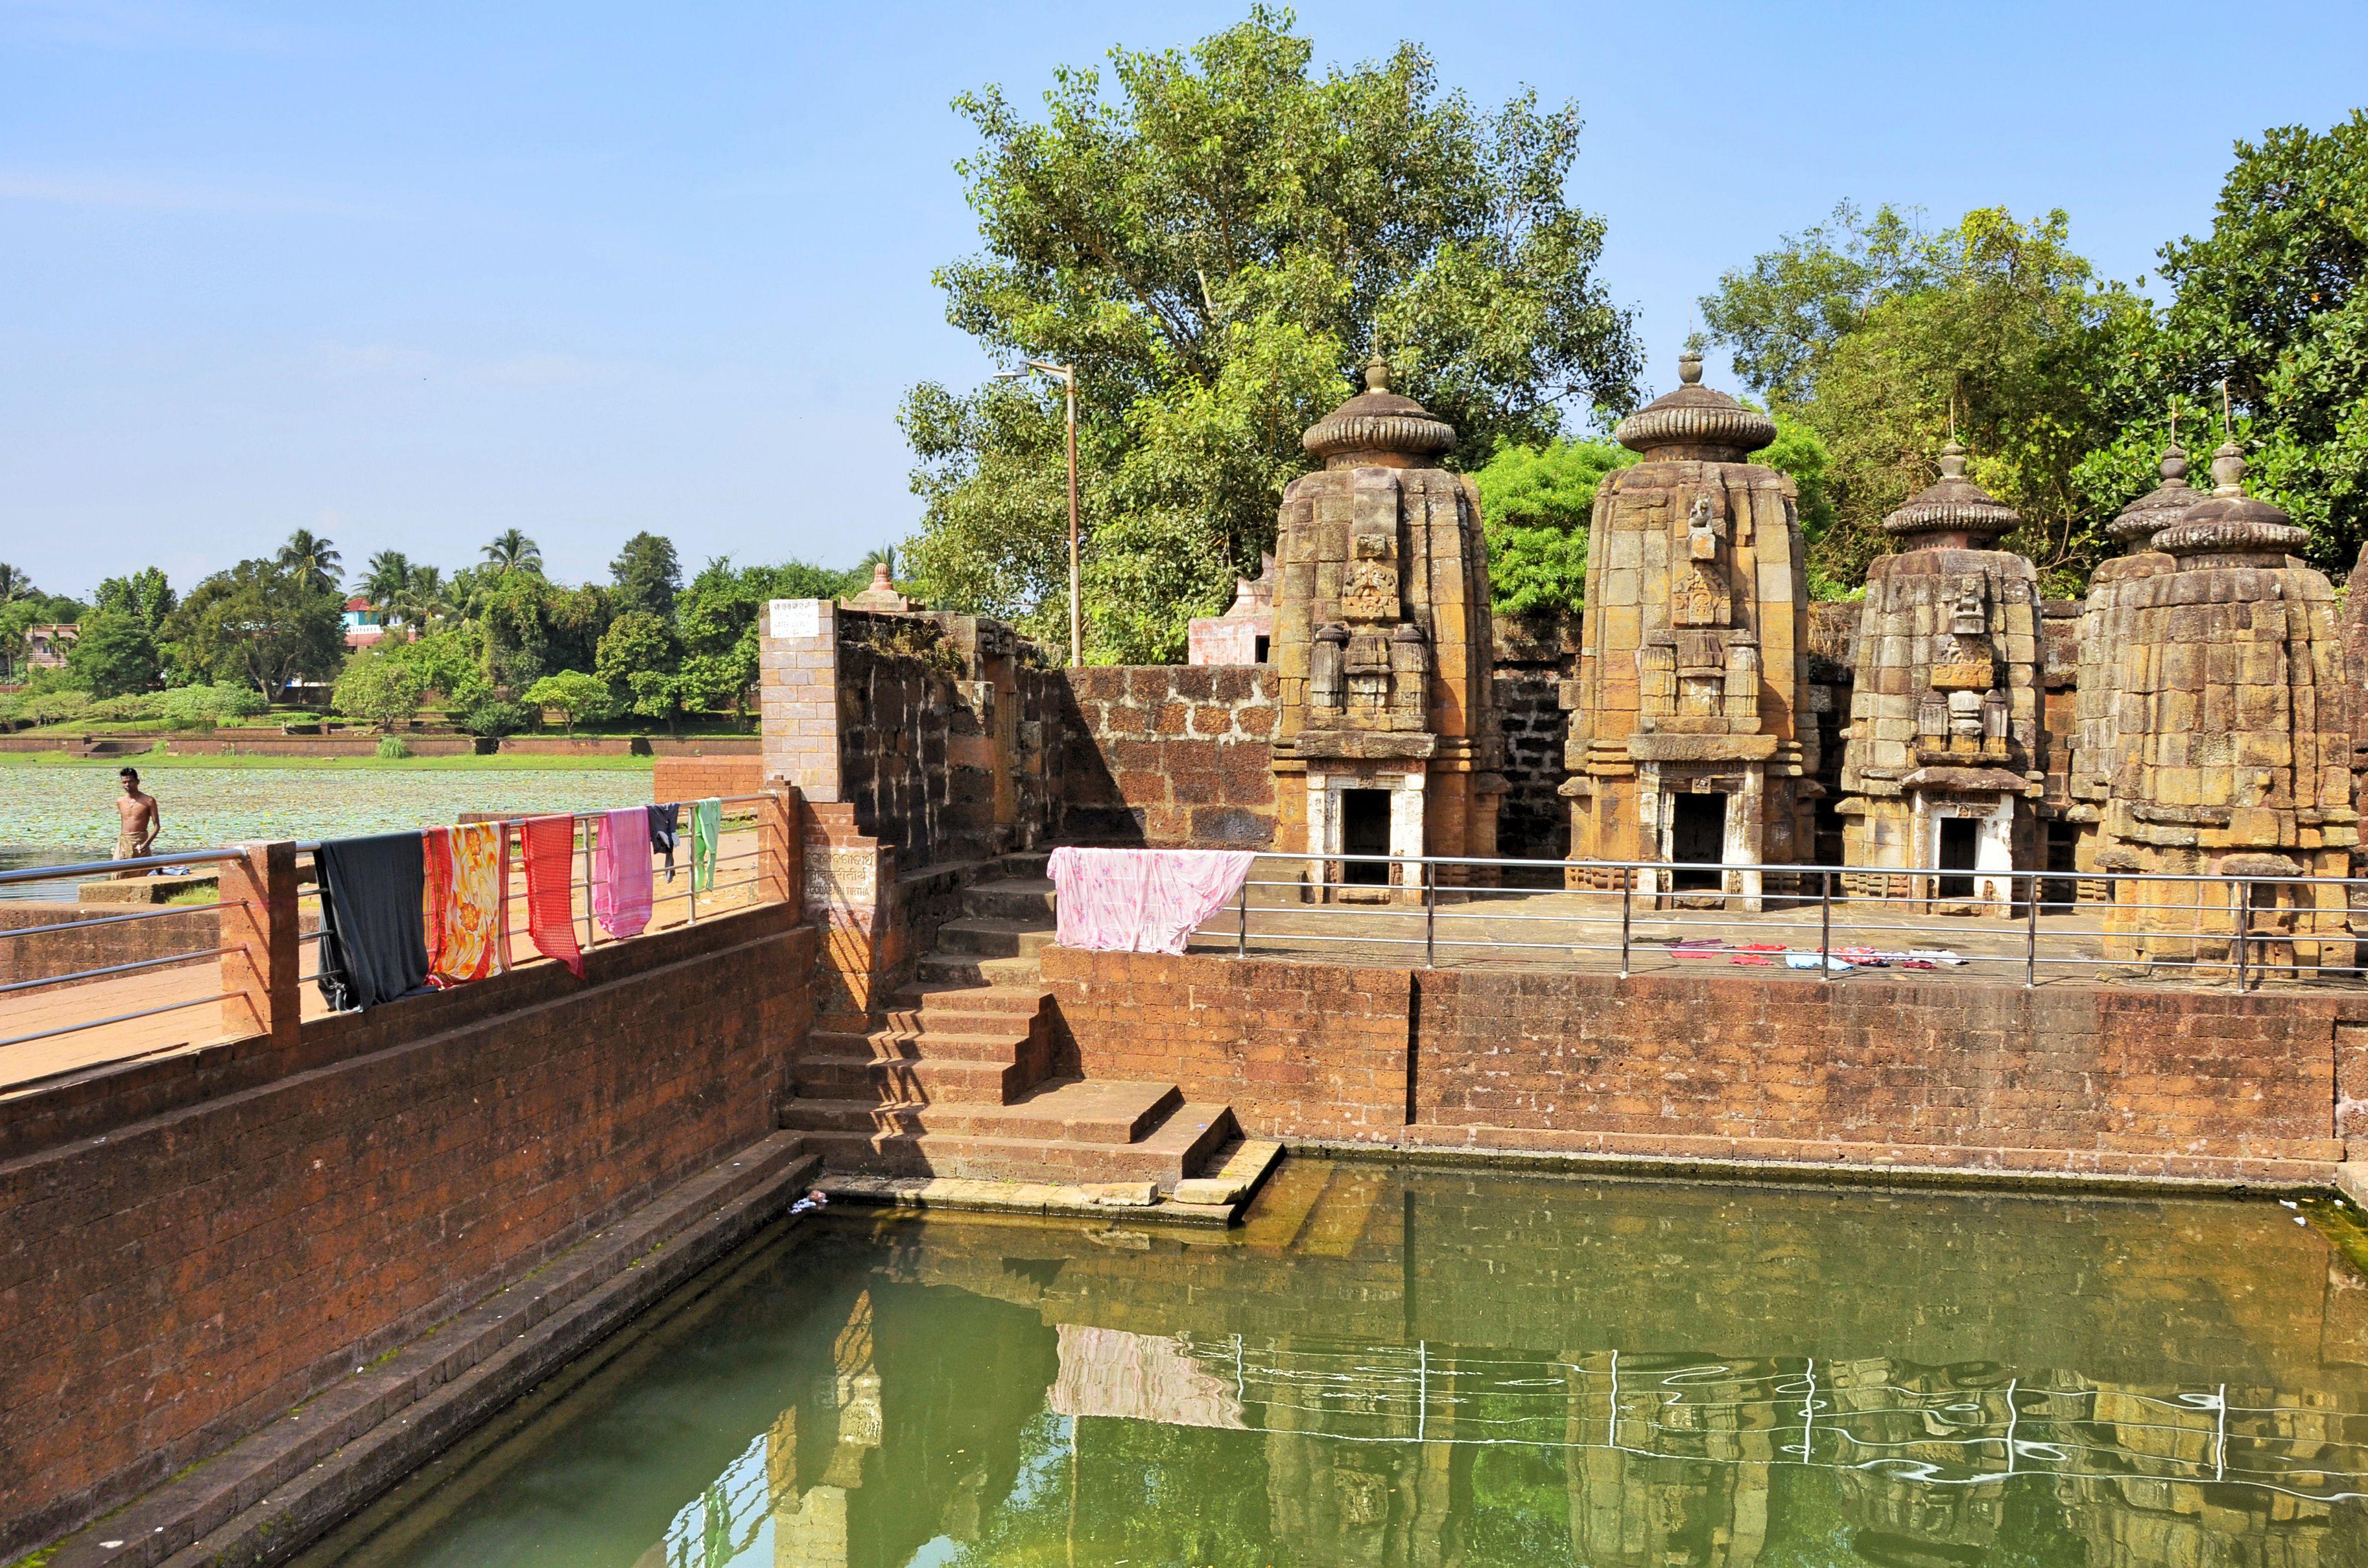 Shoshi Ghat